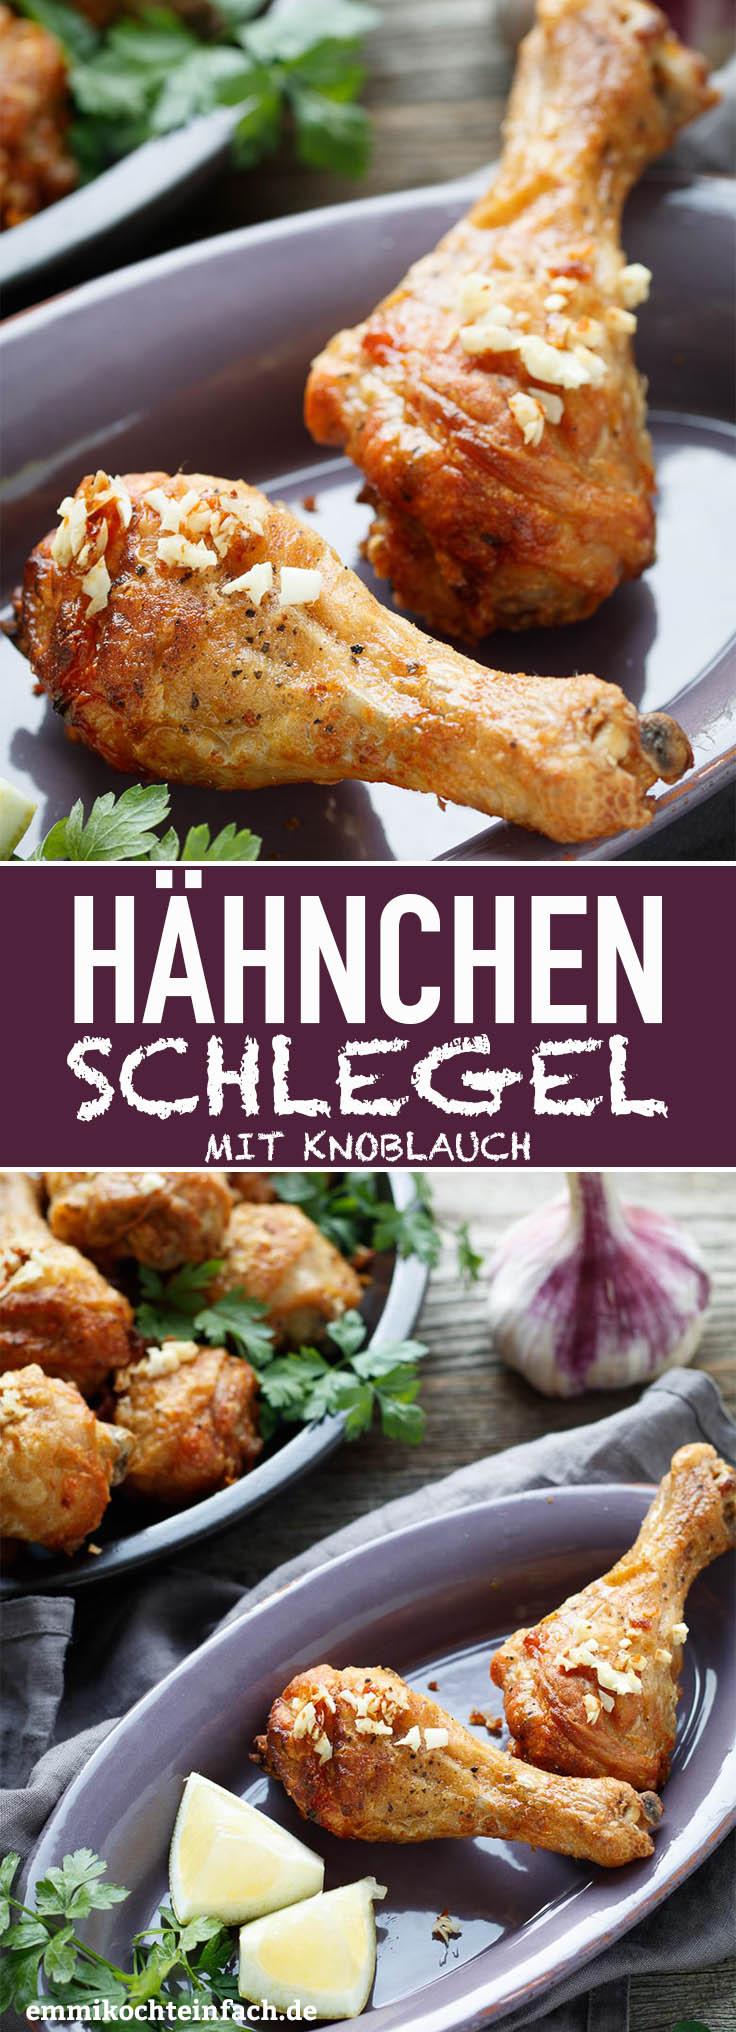 Hähnchenschlegel mit Knoblauch - www.emmikochteinfach.de